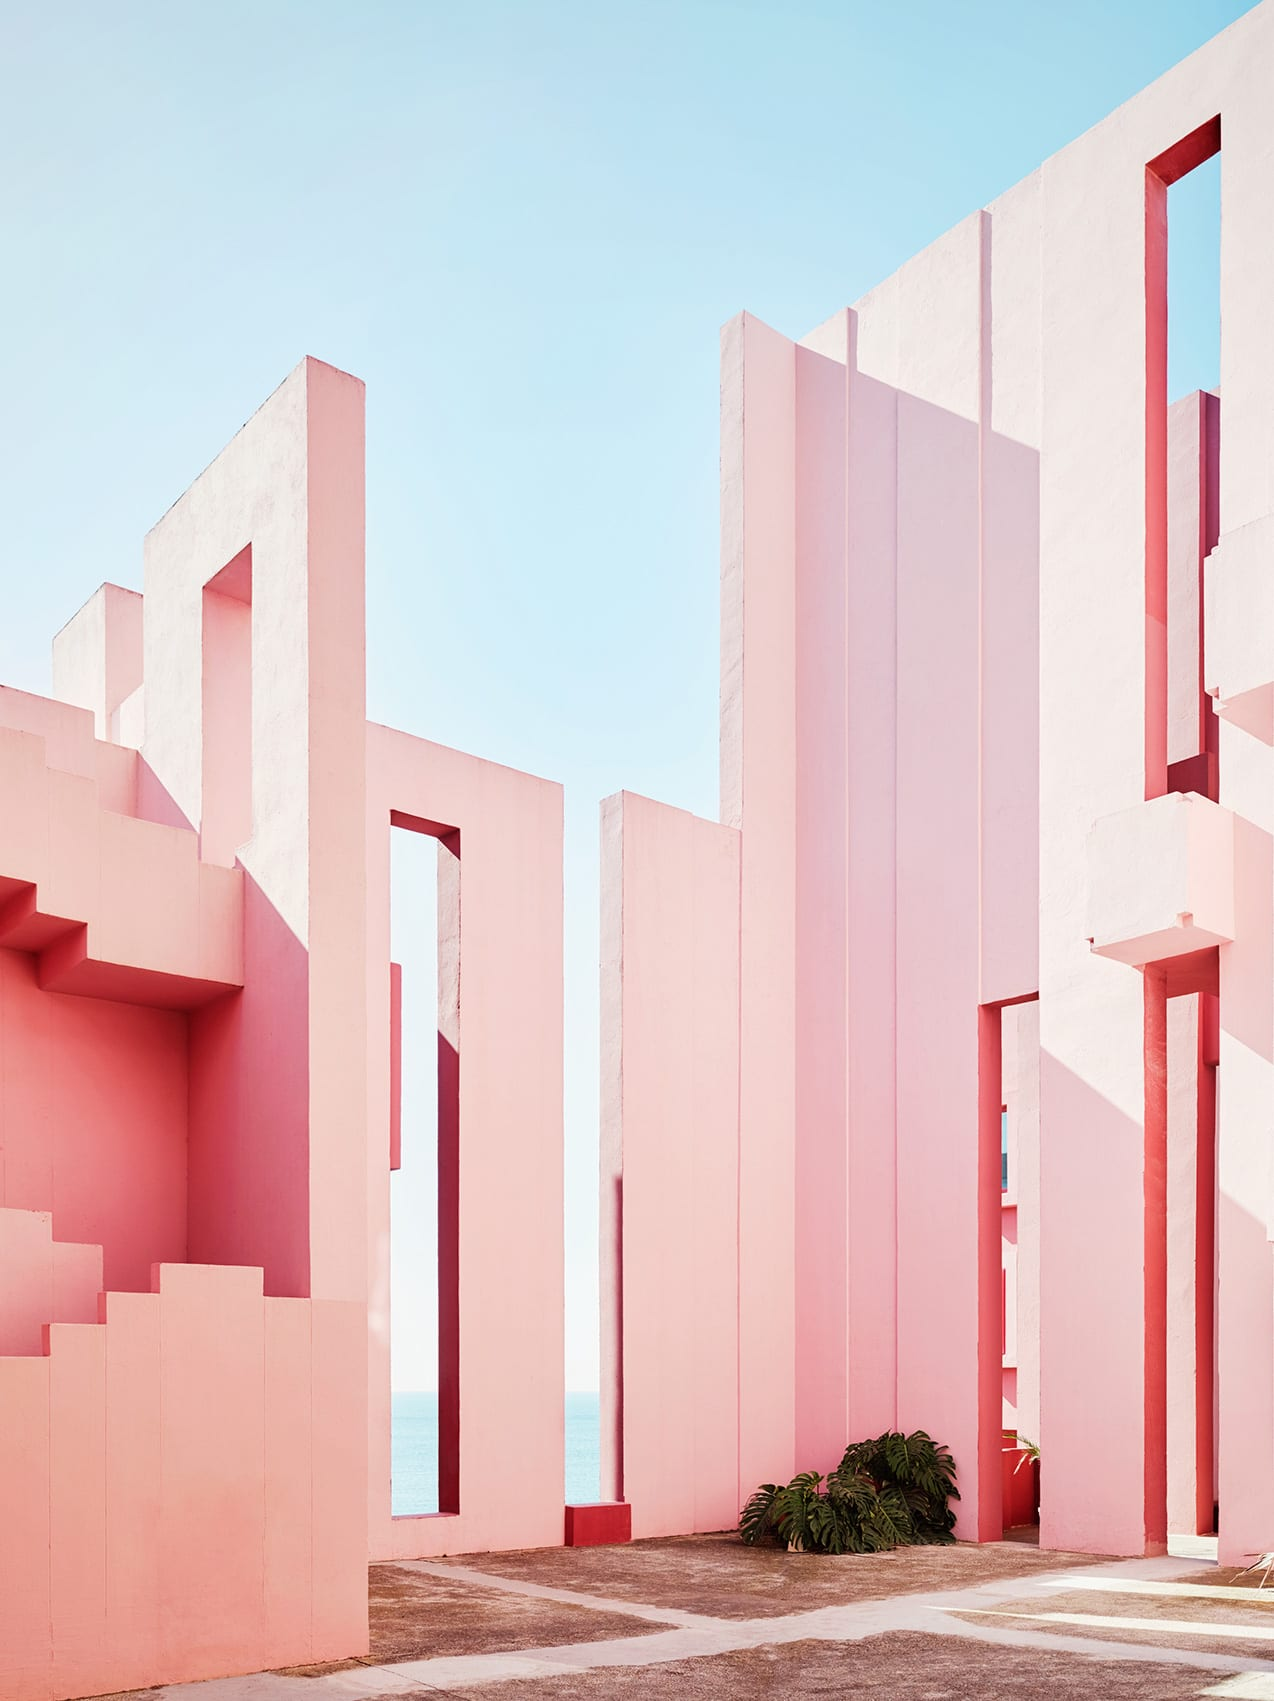 Ricardo Bofill S La Muralla Roja Housing Project In Spain